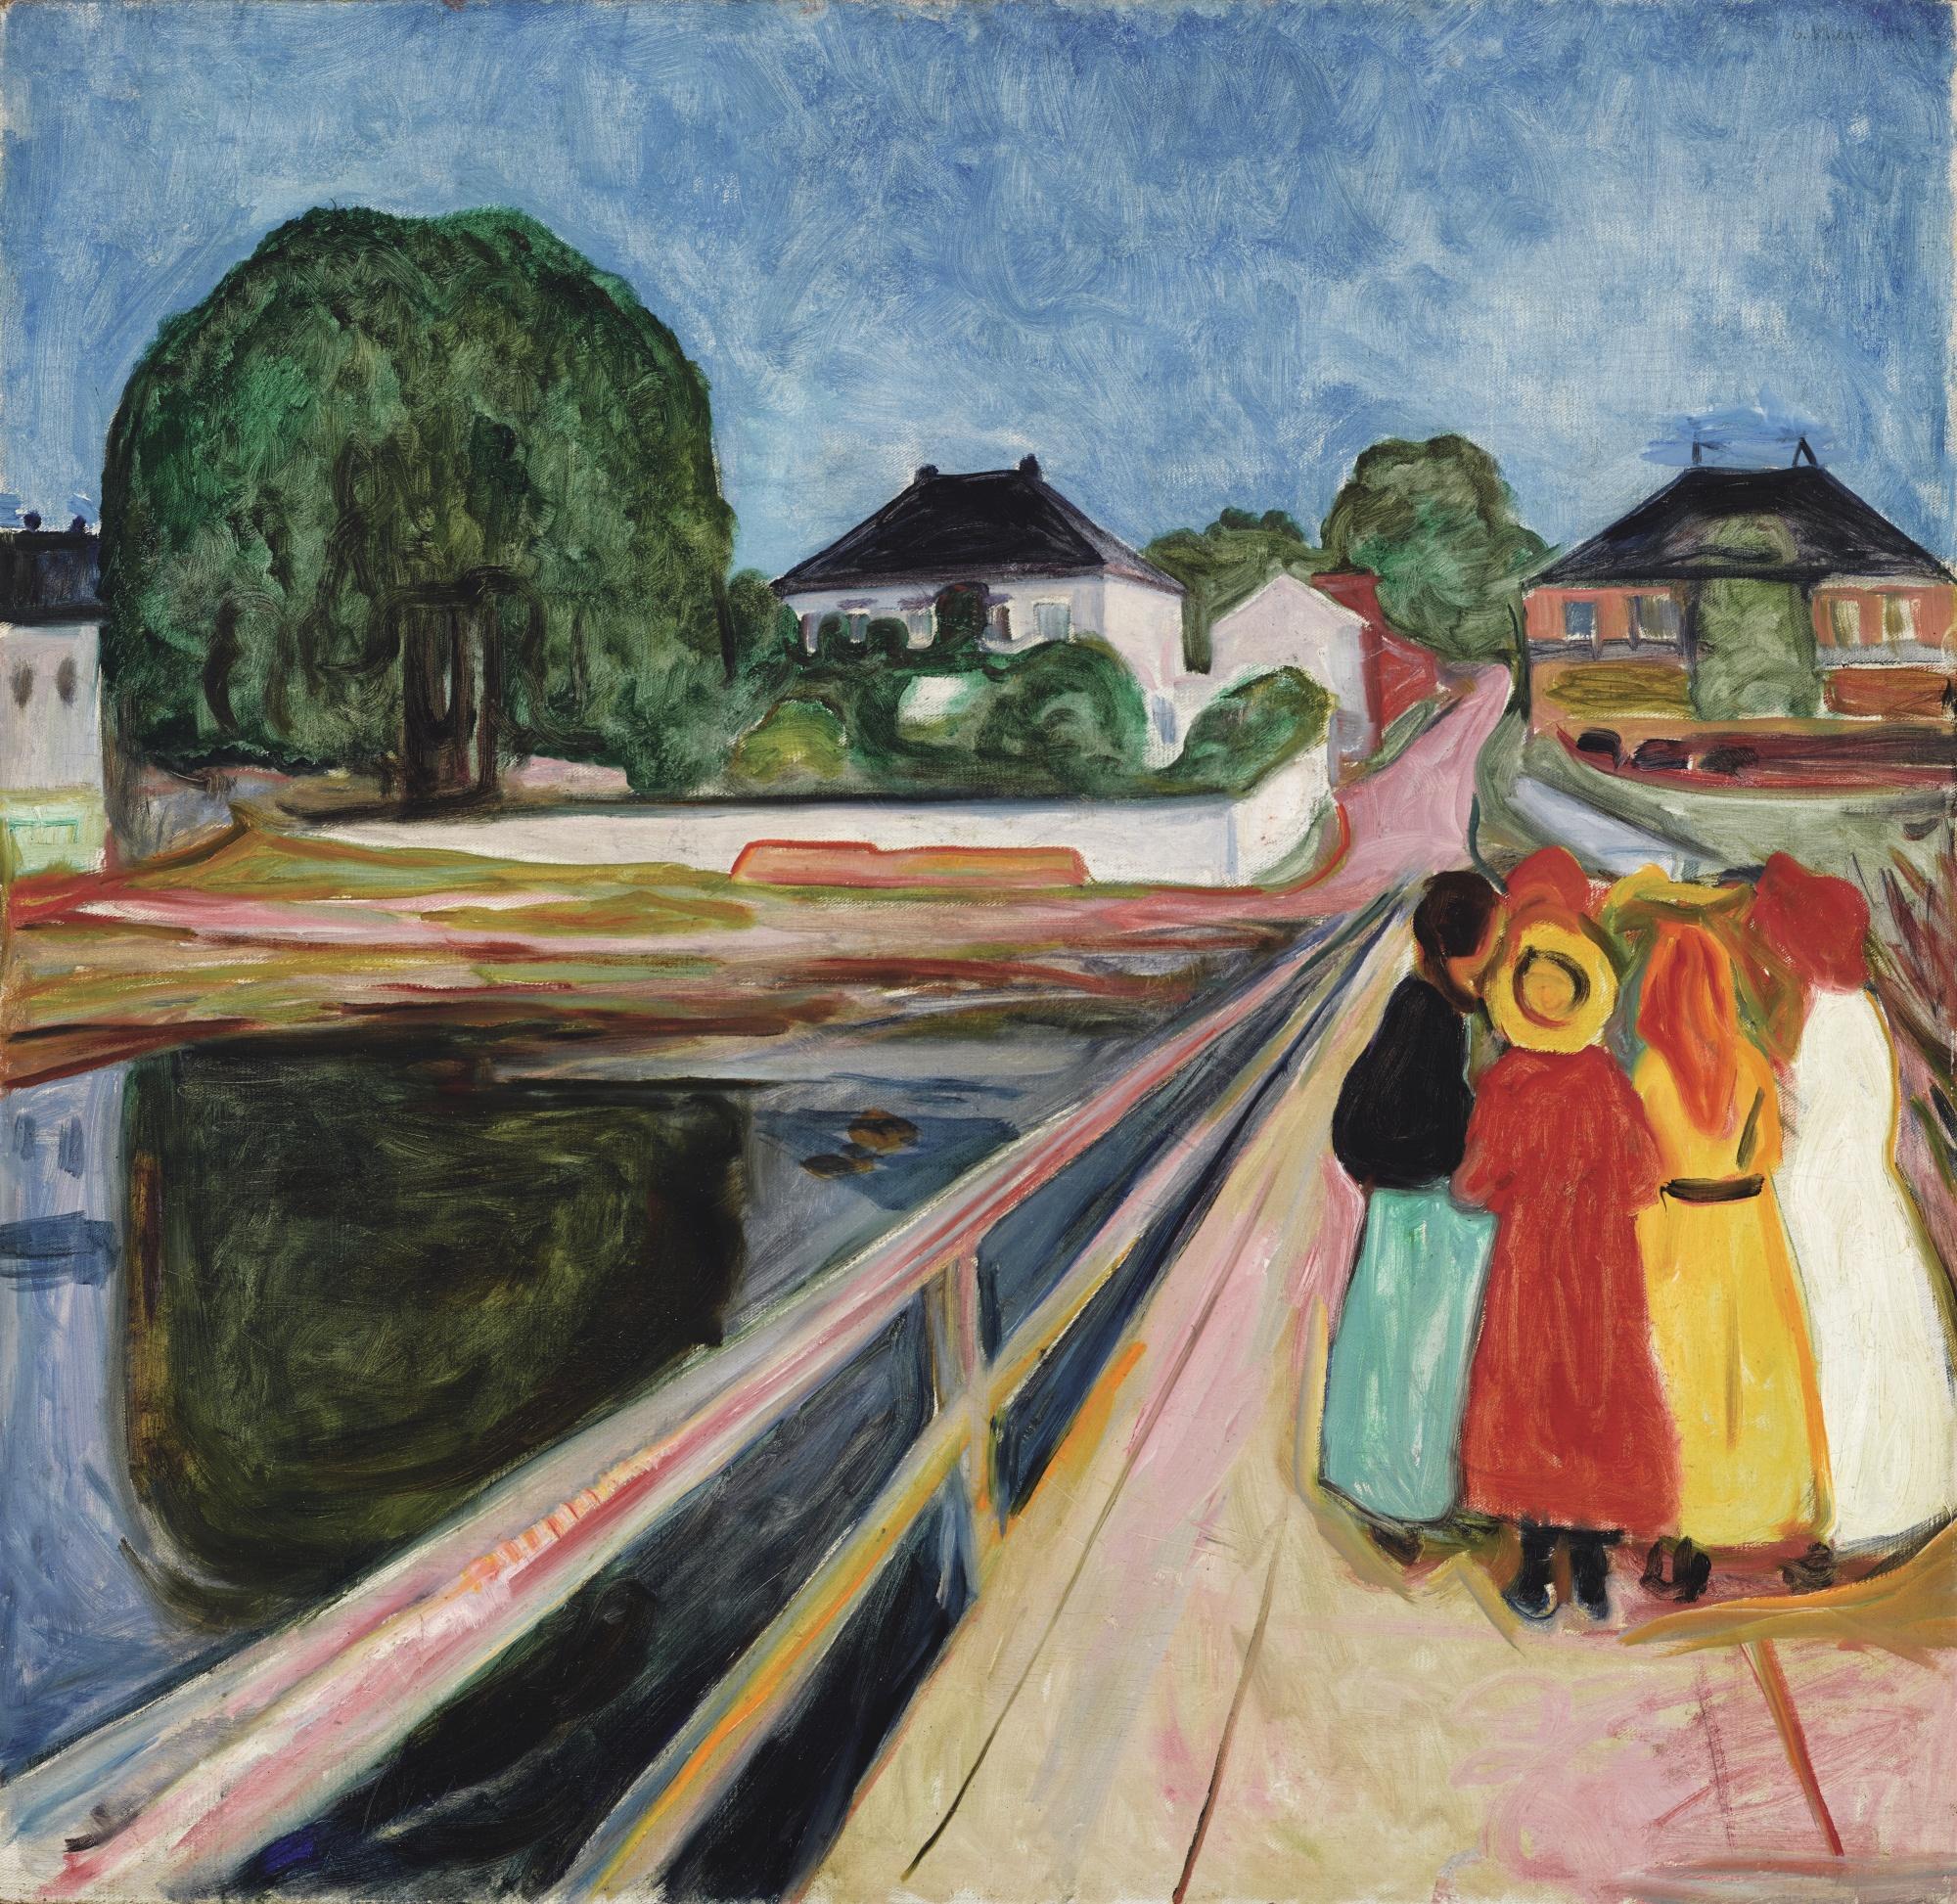 Munch a 54,5 milioni $. Totale 157,714,750 $ per impressionisti e moderni da Sotheby's